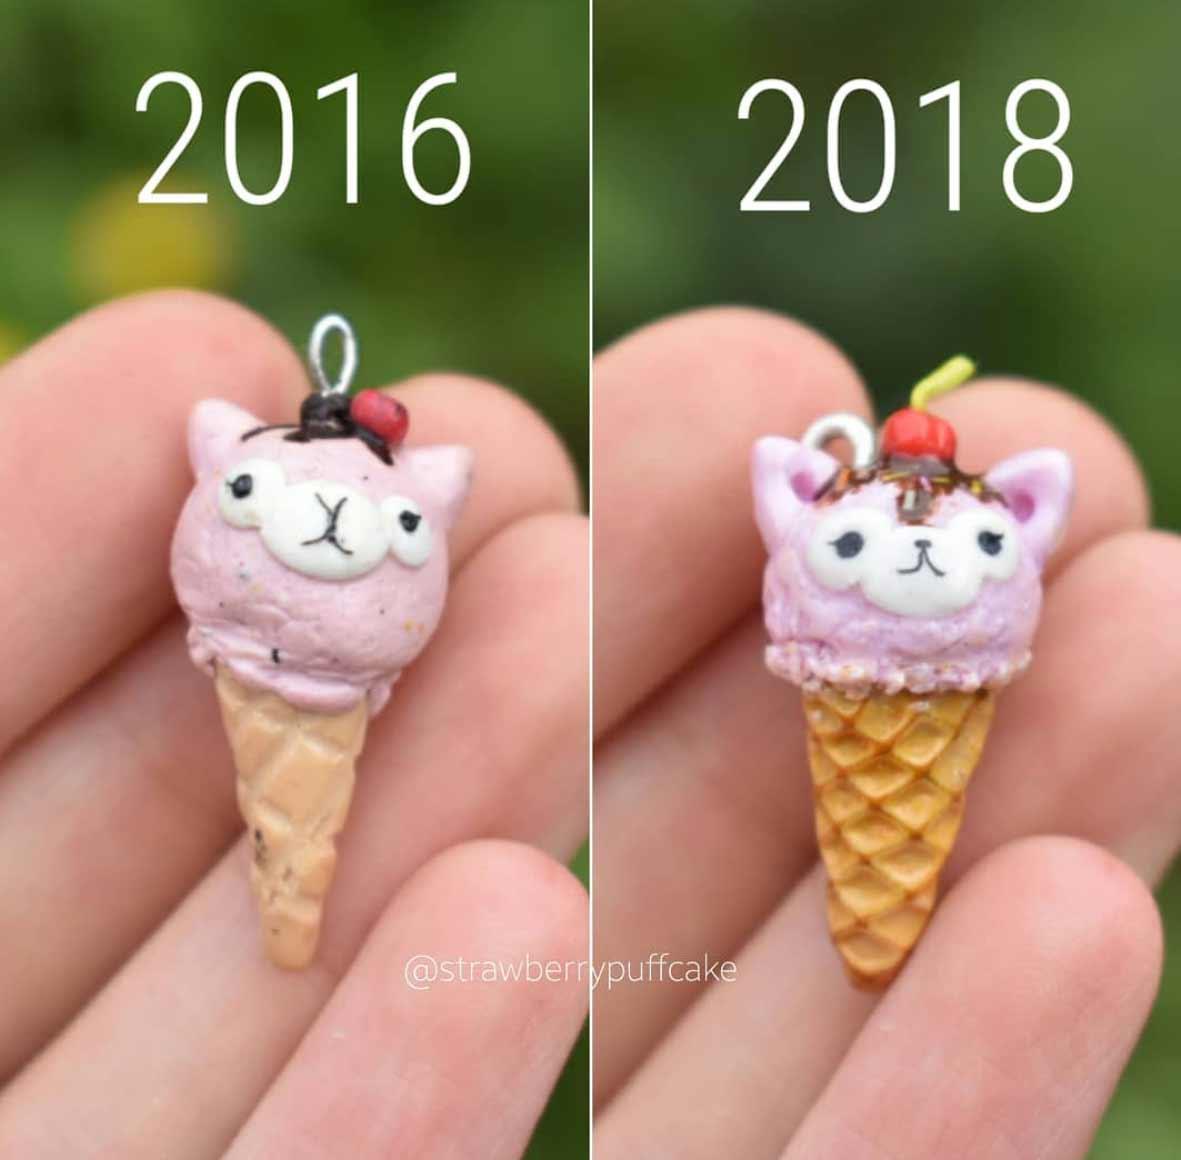 Die Evolution der Miniatur-Skulpturen von ZoZo ZoZO-strawberrypuffcake_07